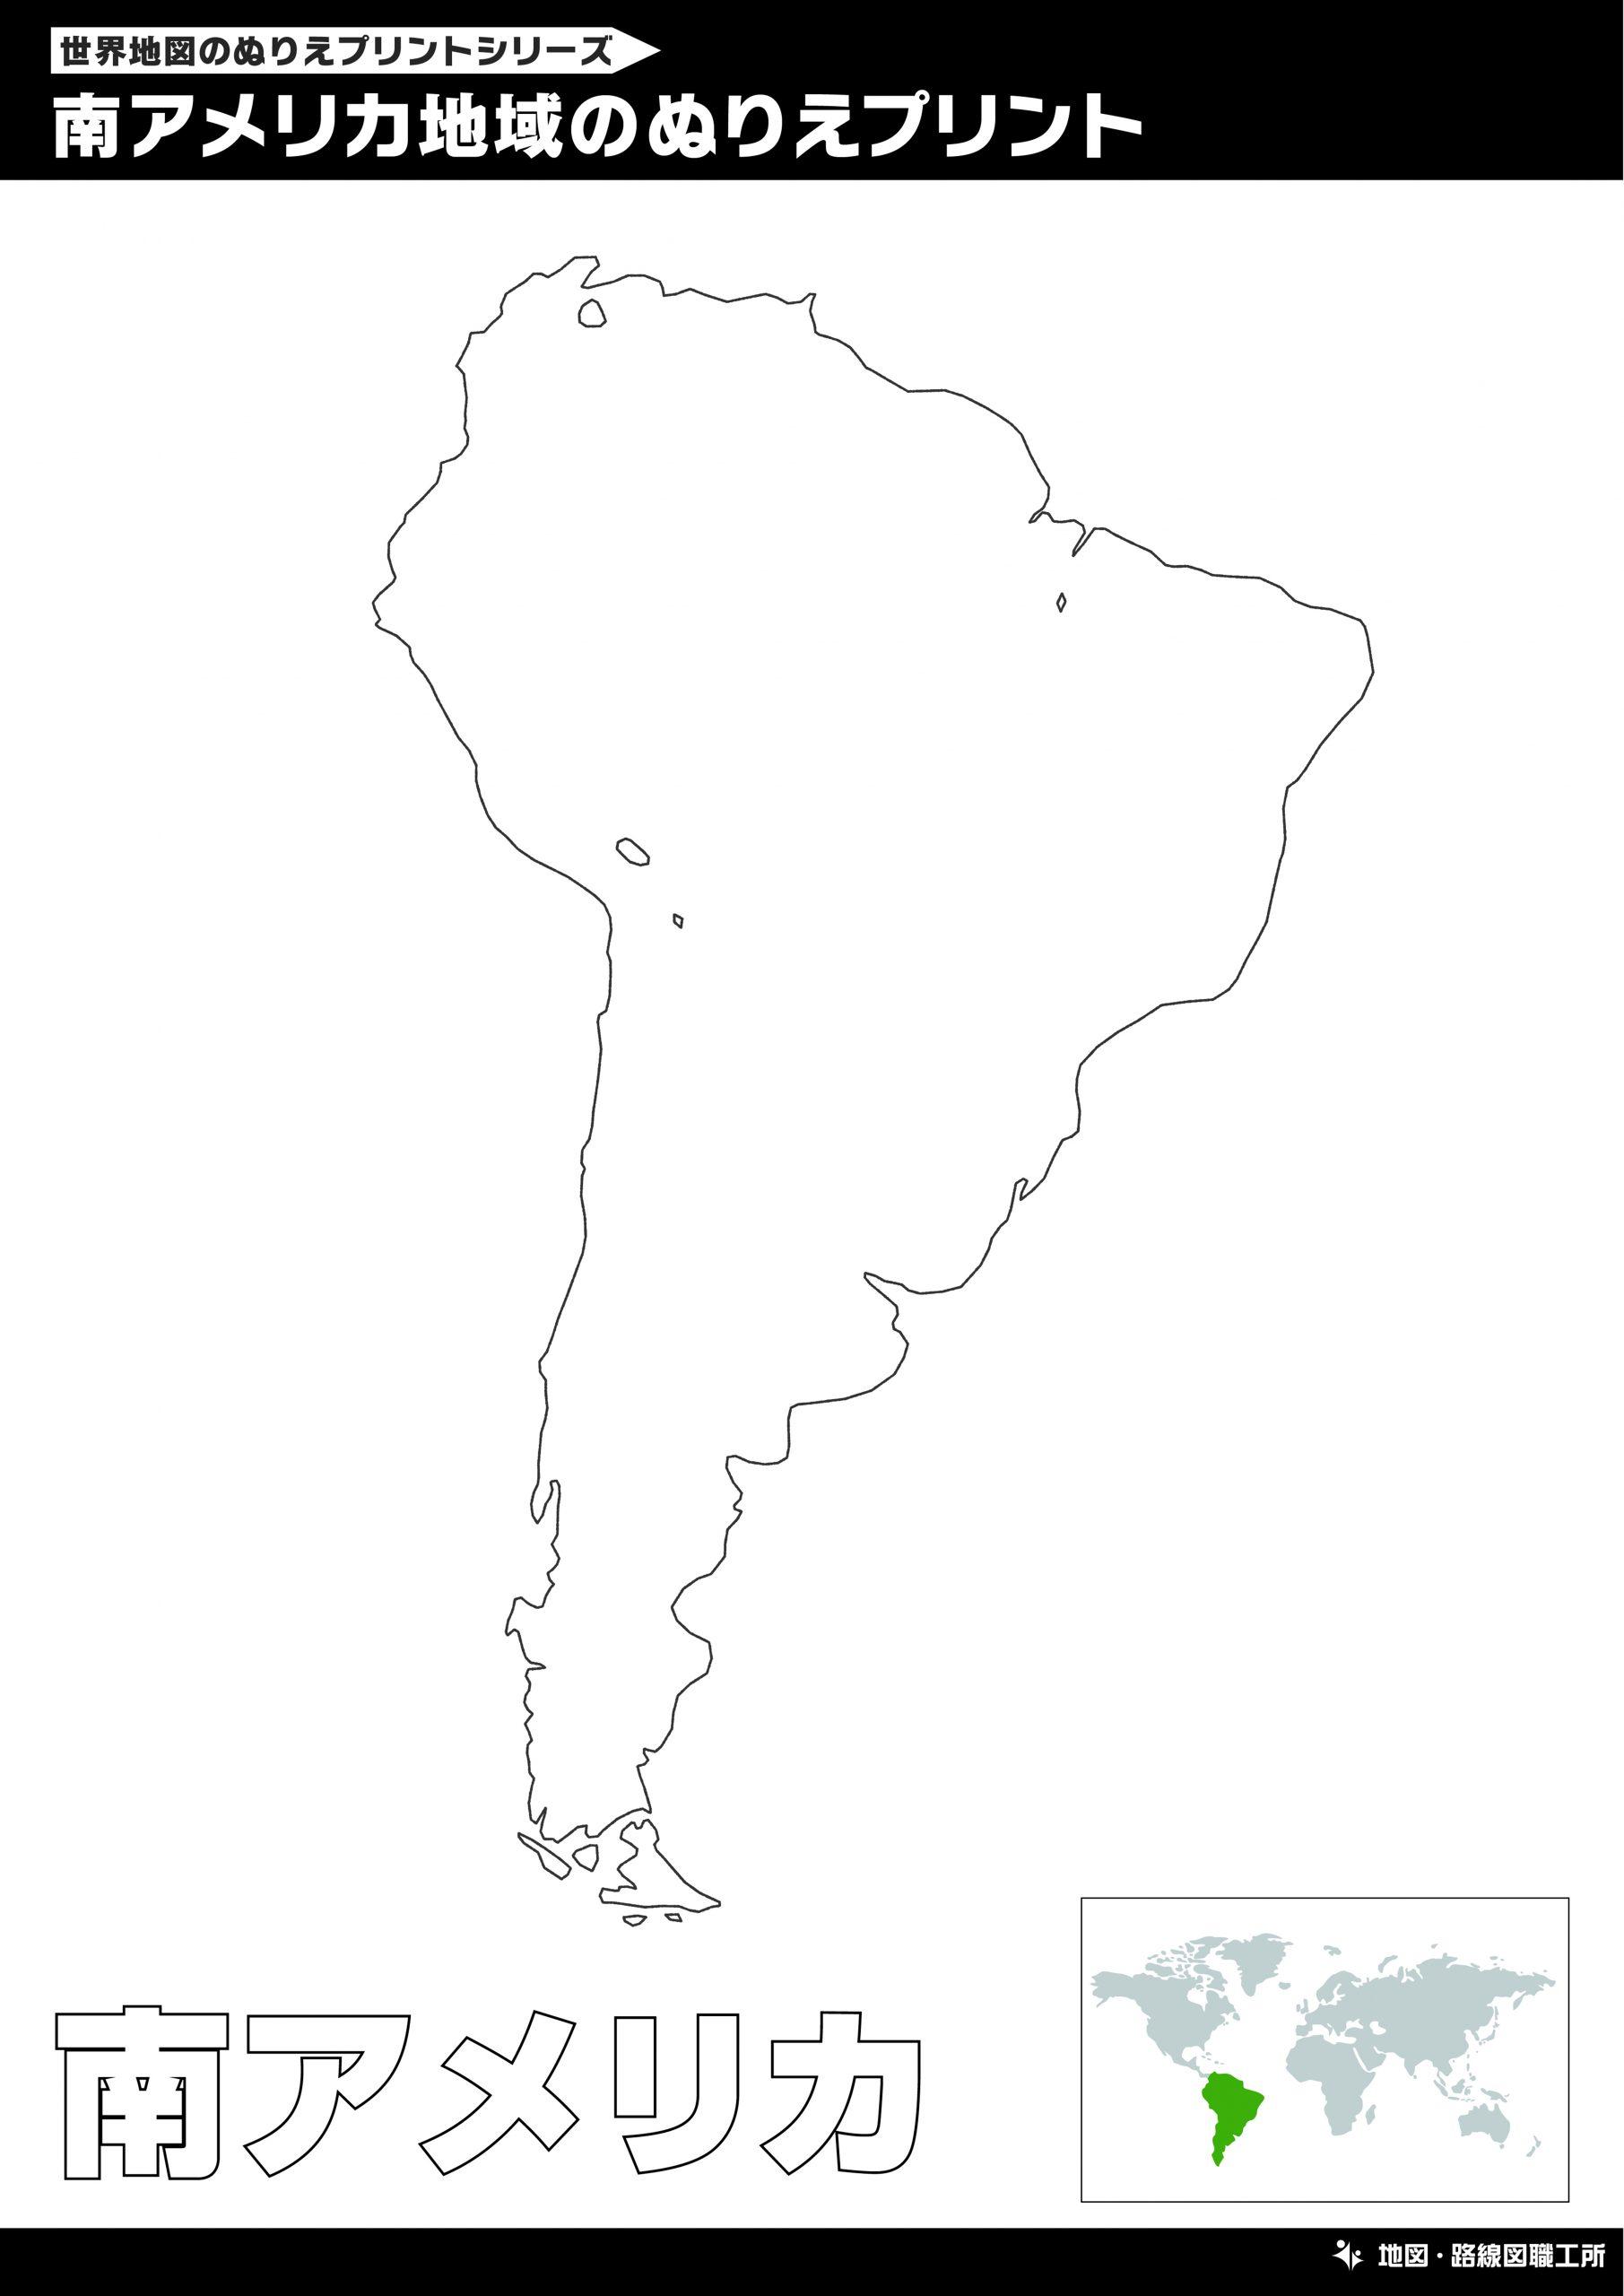 南アメリカ地図のぬりえ